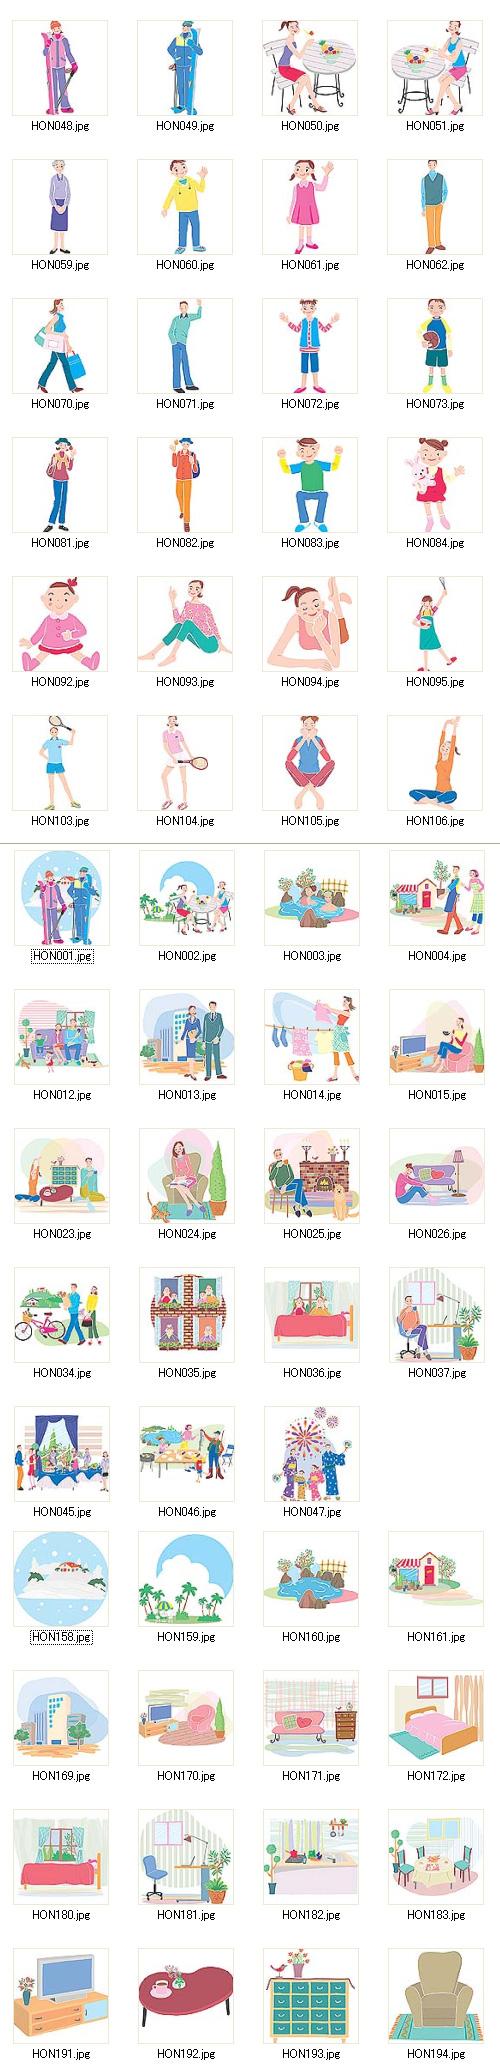 Cartoon ครอบครัว โรงเรียน ผู้คน เฟอร์นิเจอร์